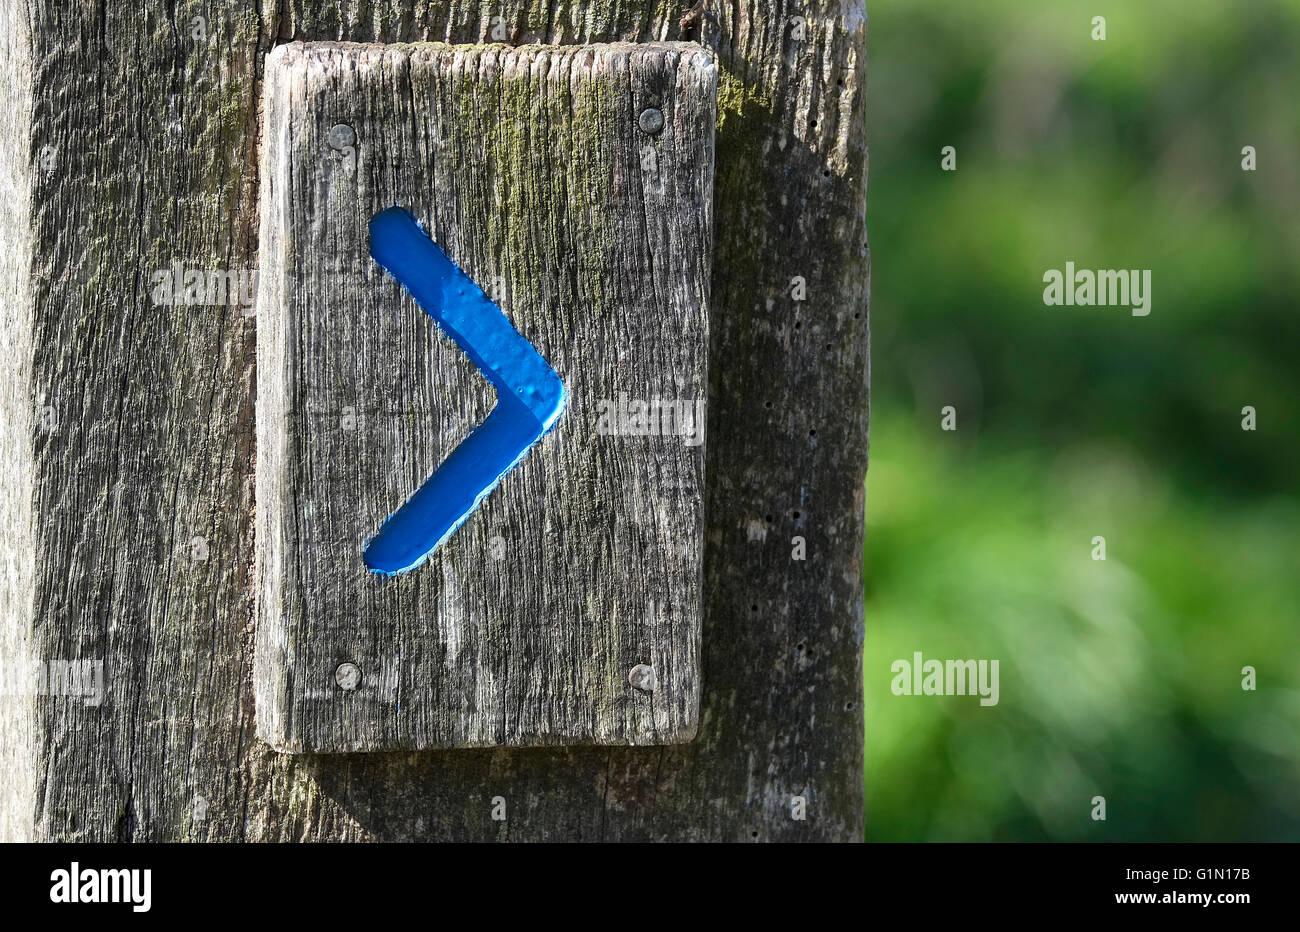 Sendero azul la flecha de dirección en viejo de madera post Imagen De Stock